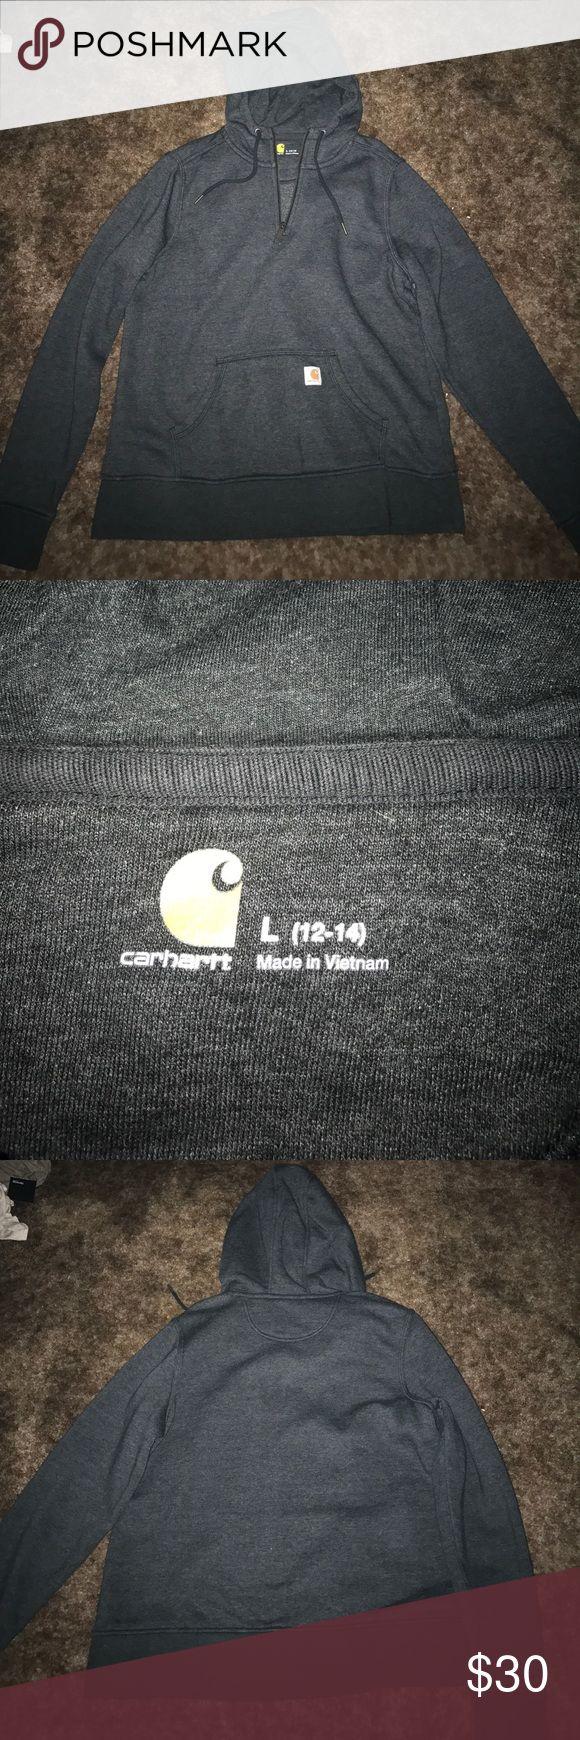 Carhartt sweatshirt Dark grey carhartt sweatshirt half zip. Large. With hood. worn maybe twice Carhartt Jackets & Coats